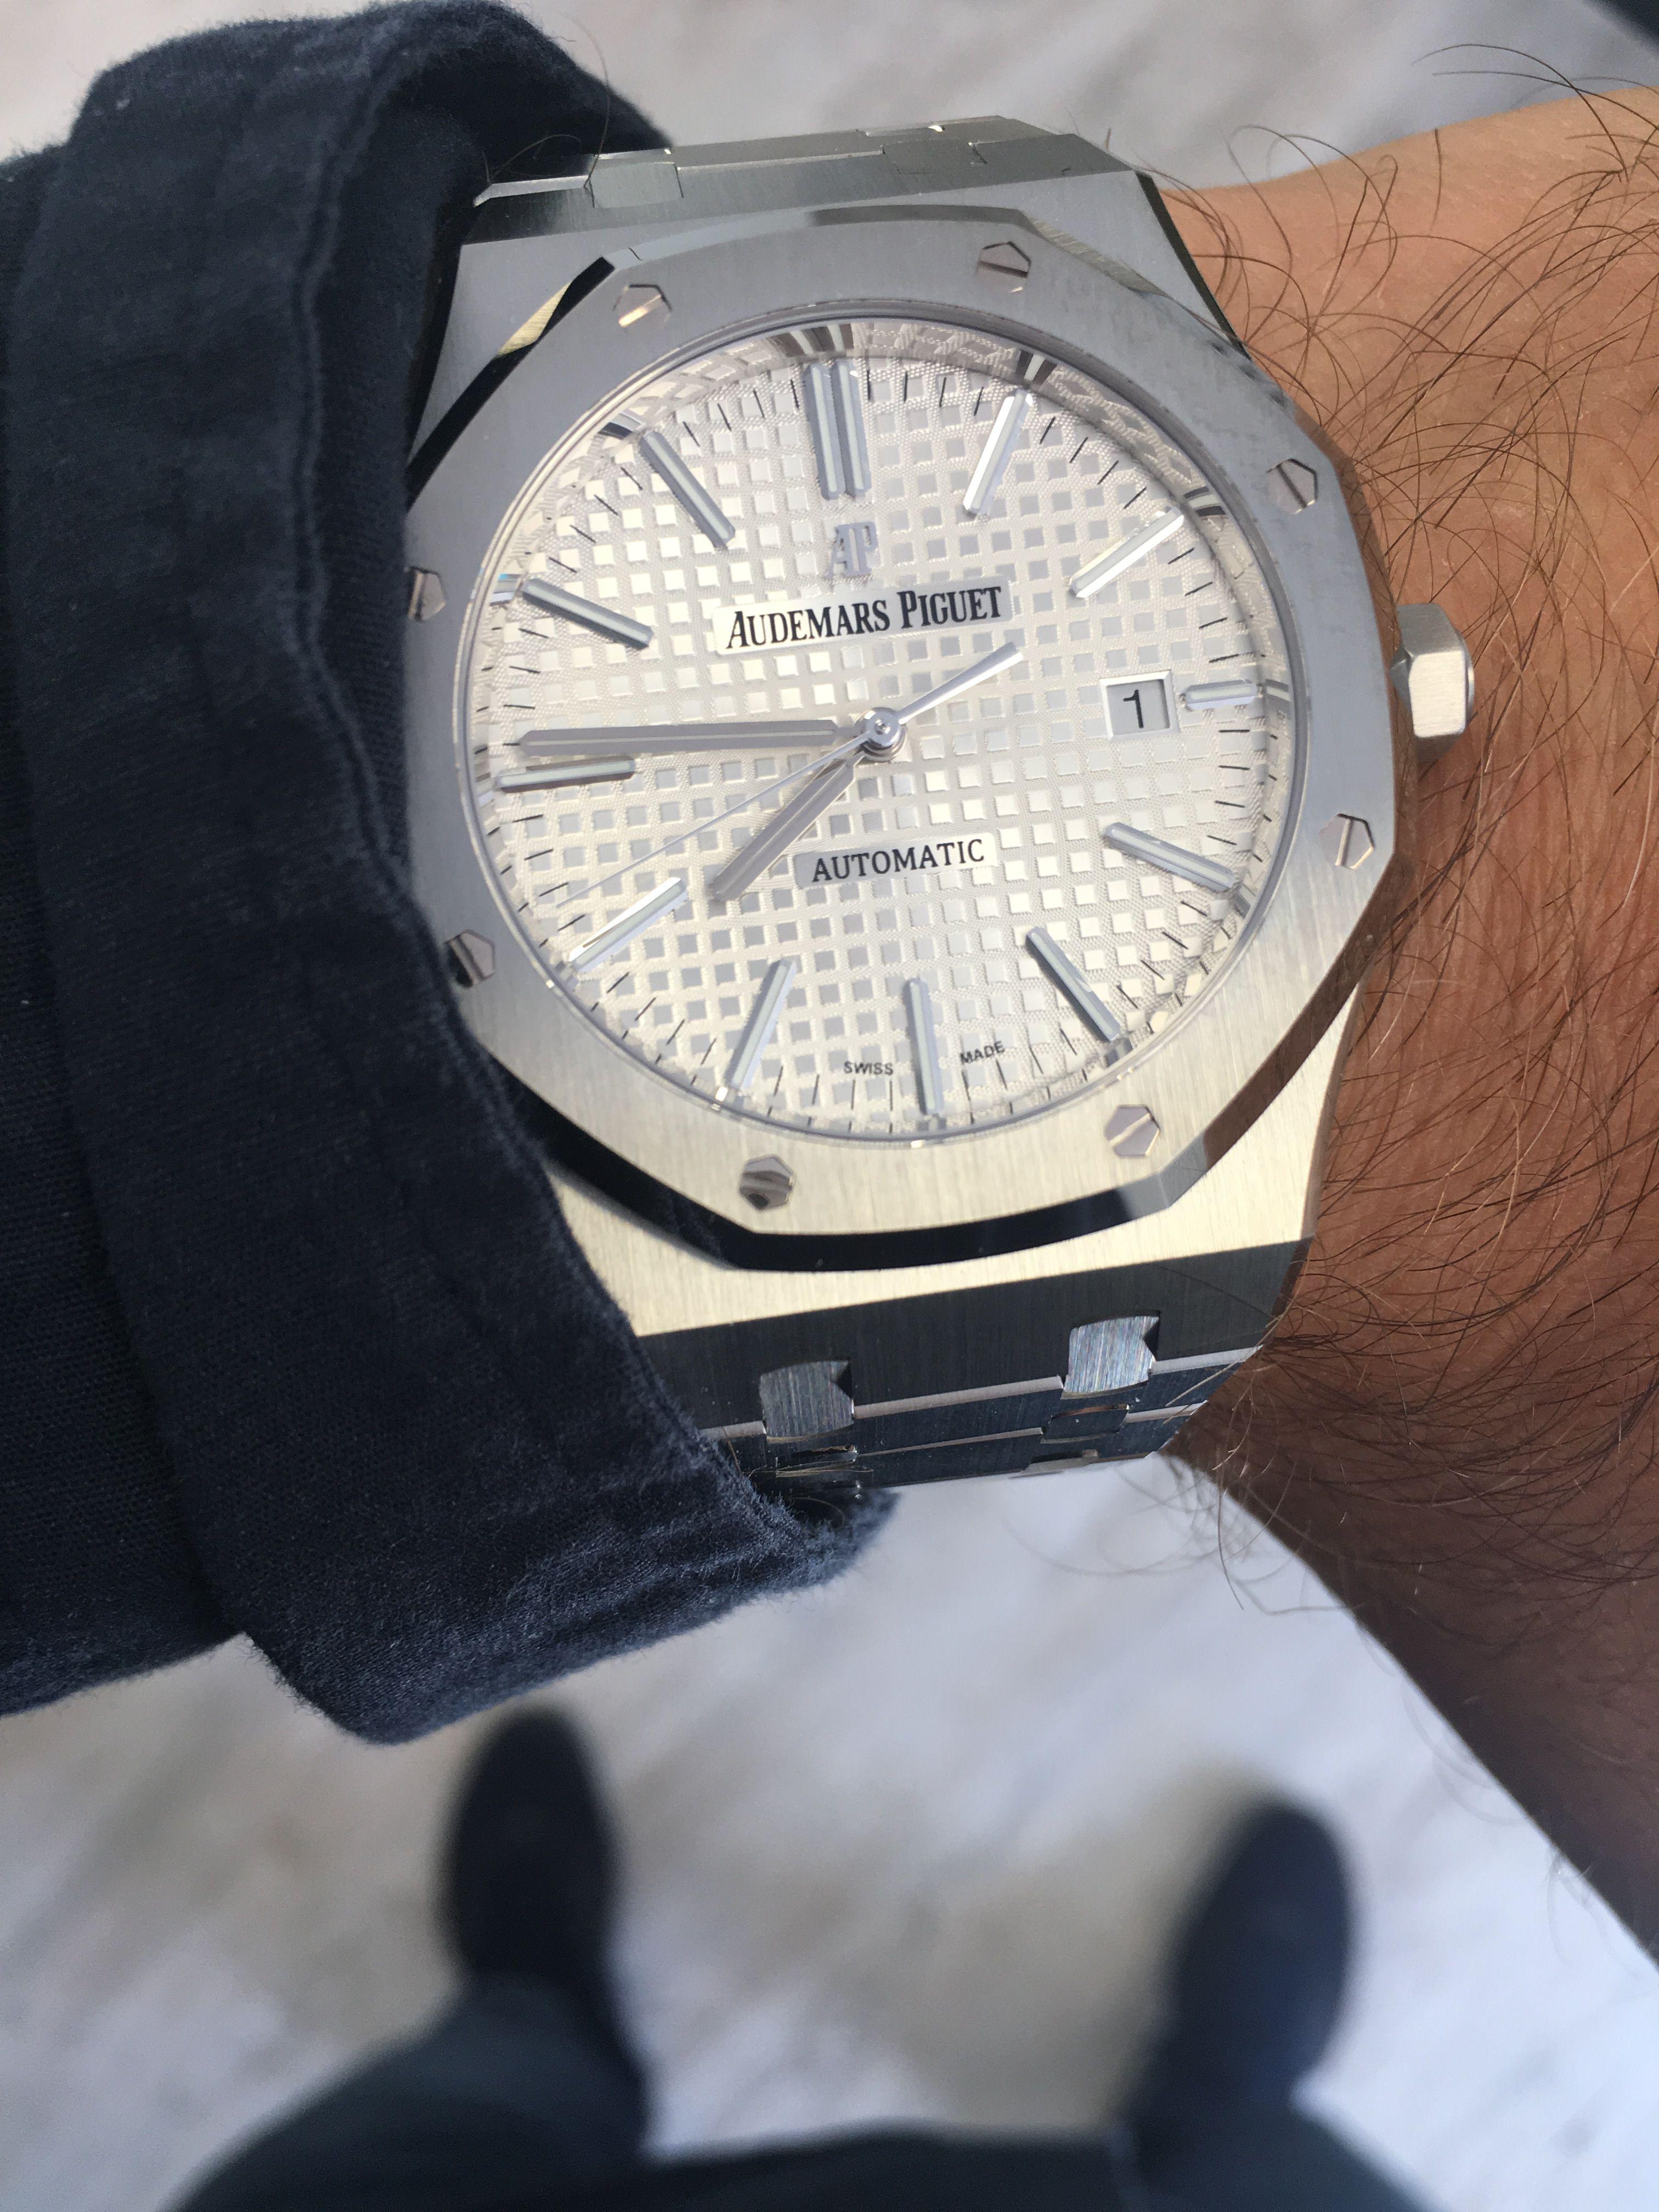 Audemars Piguet Royal Oak Automatic Chronograph Black Silver Dial Bracelet Watch